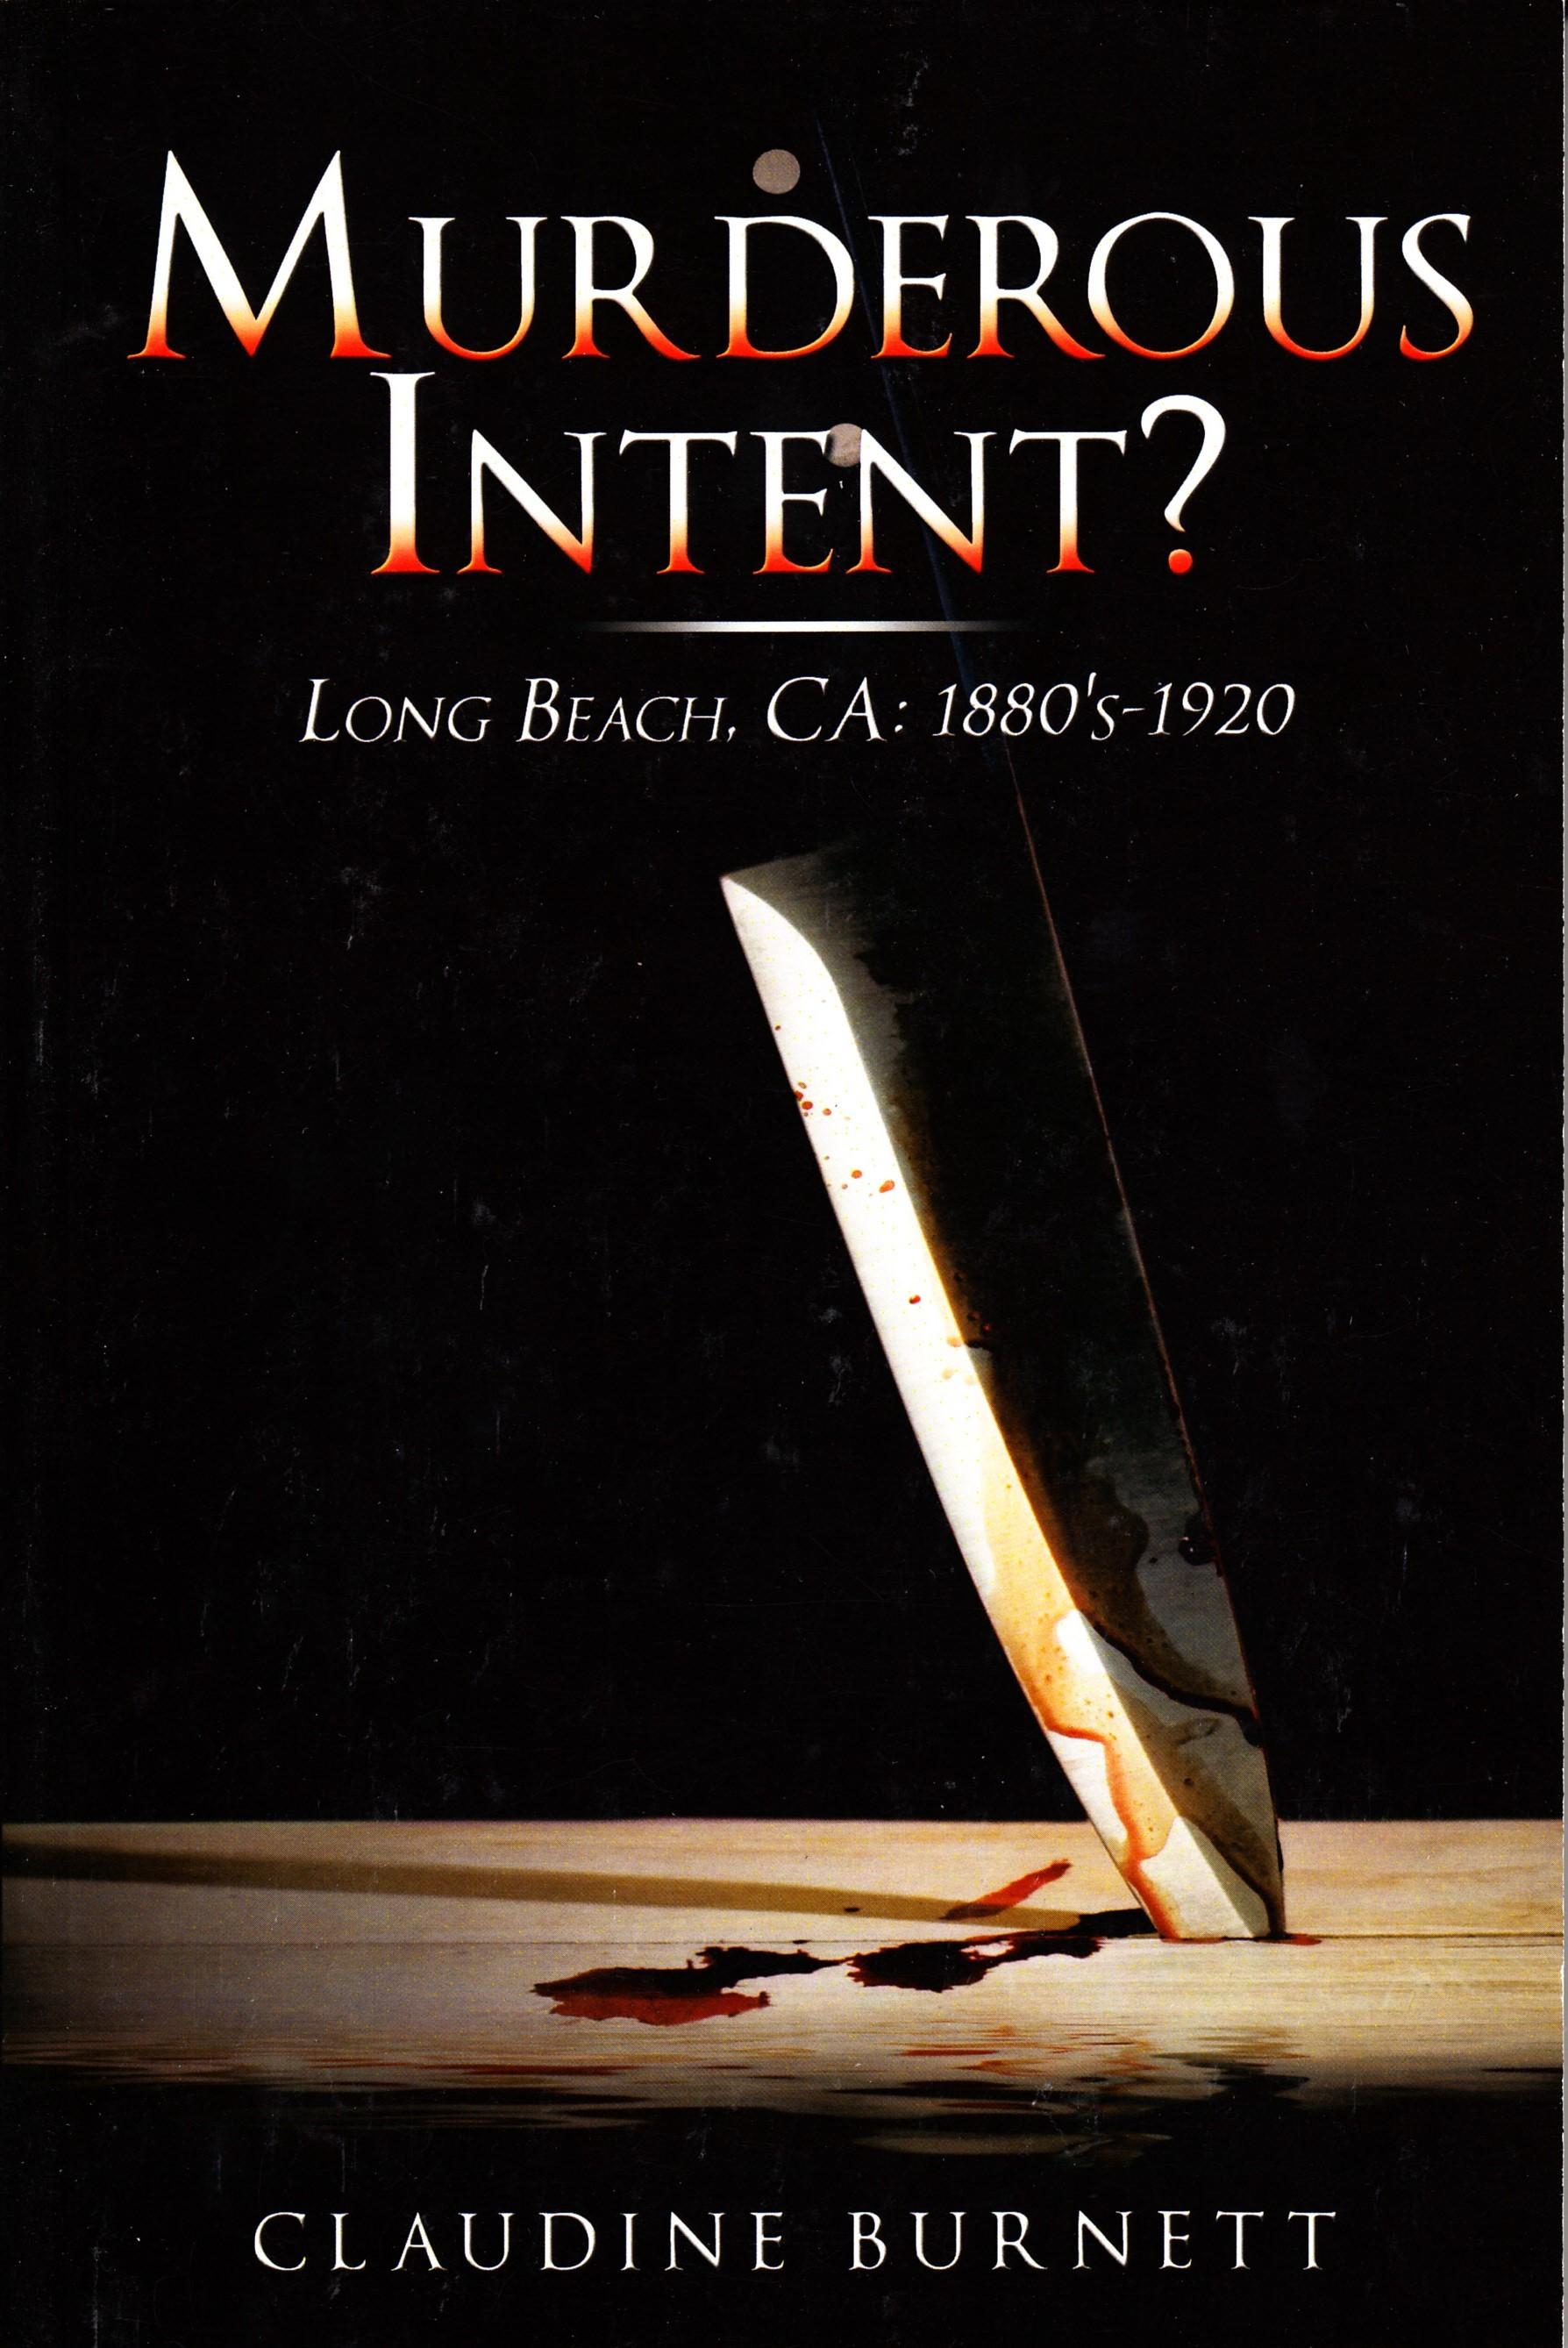 Murderous Intent Long beach, Ca Book Cover